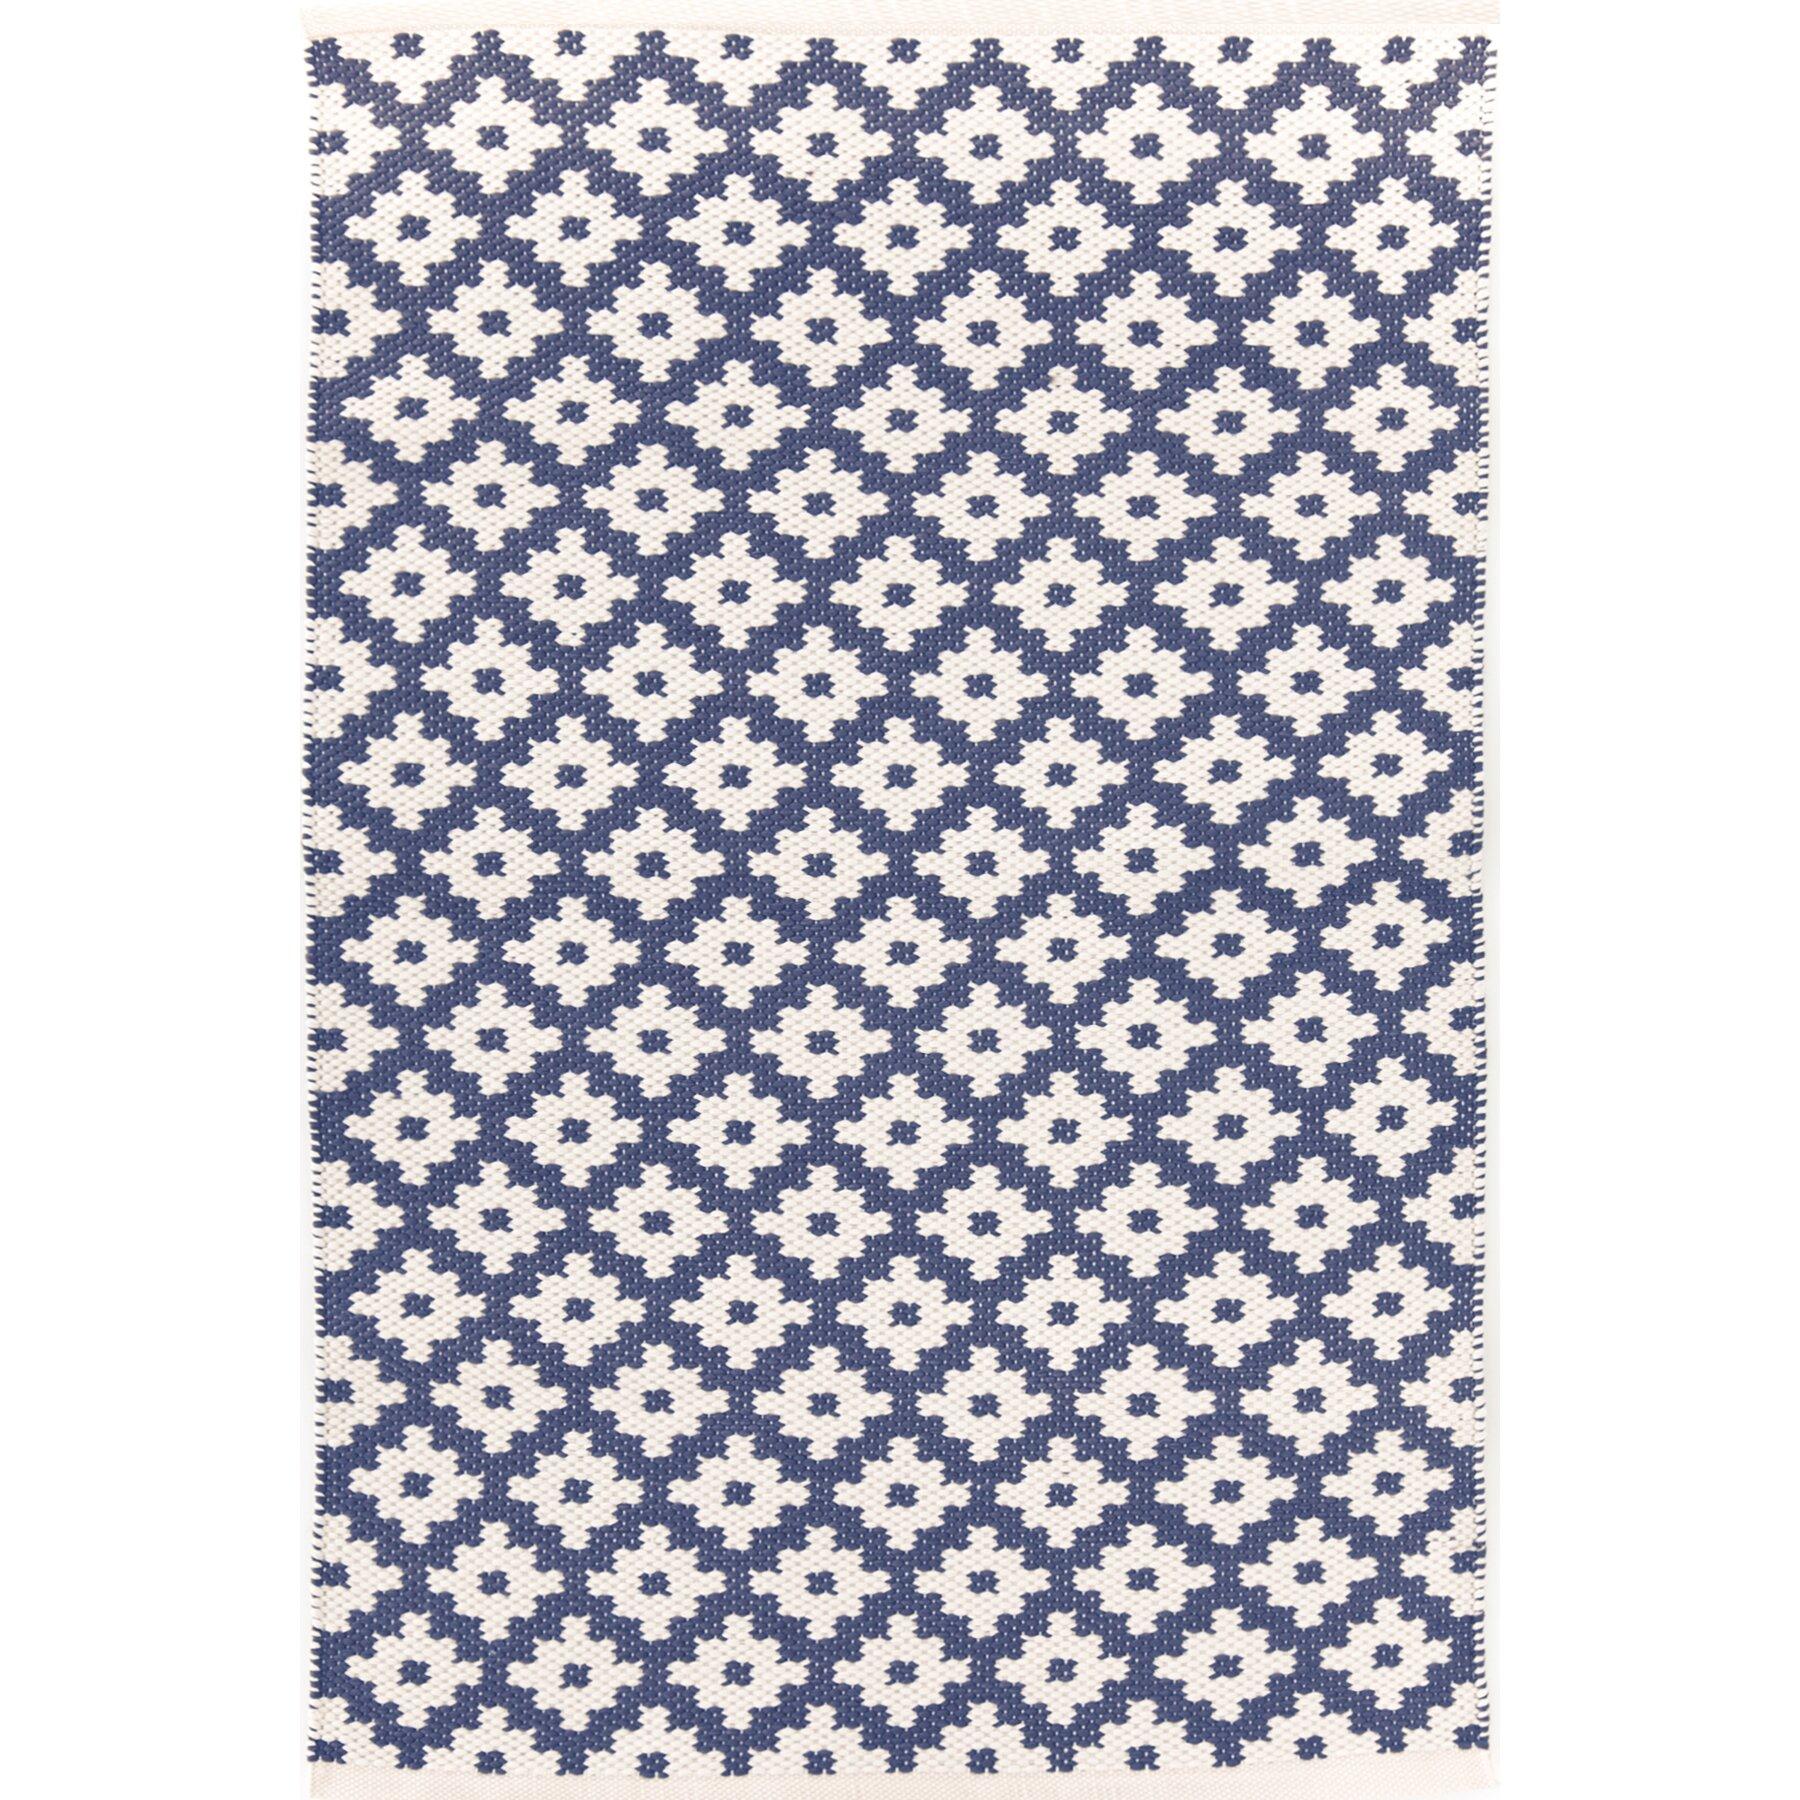 Dash And Albert Rugs Samode Hand Woven Blue Indoor/Outdoor